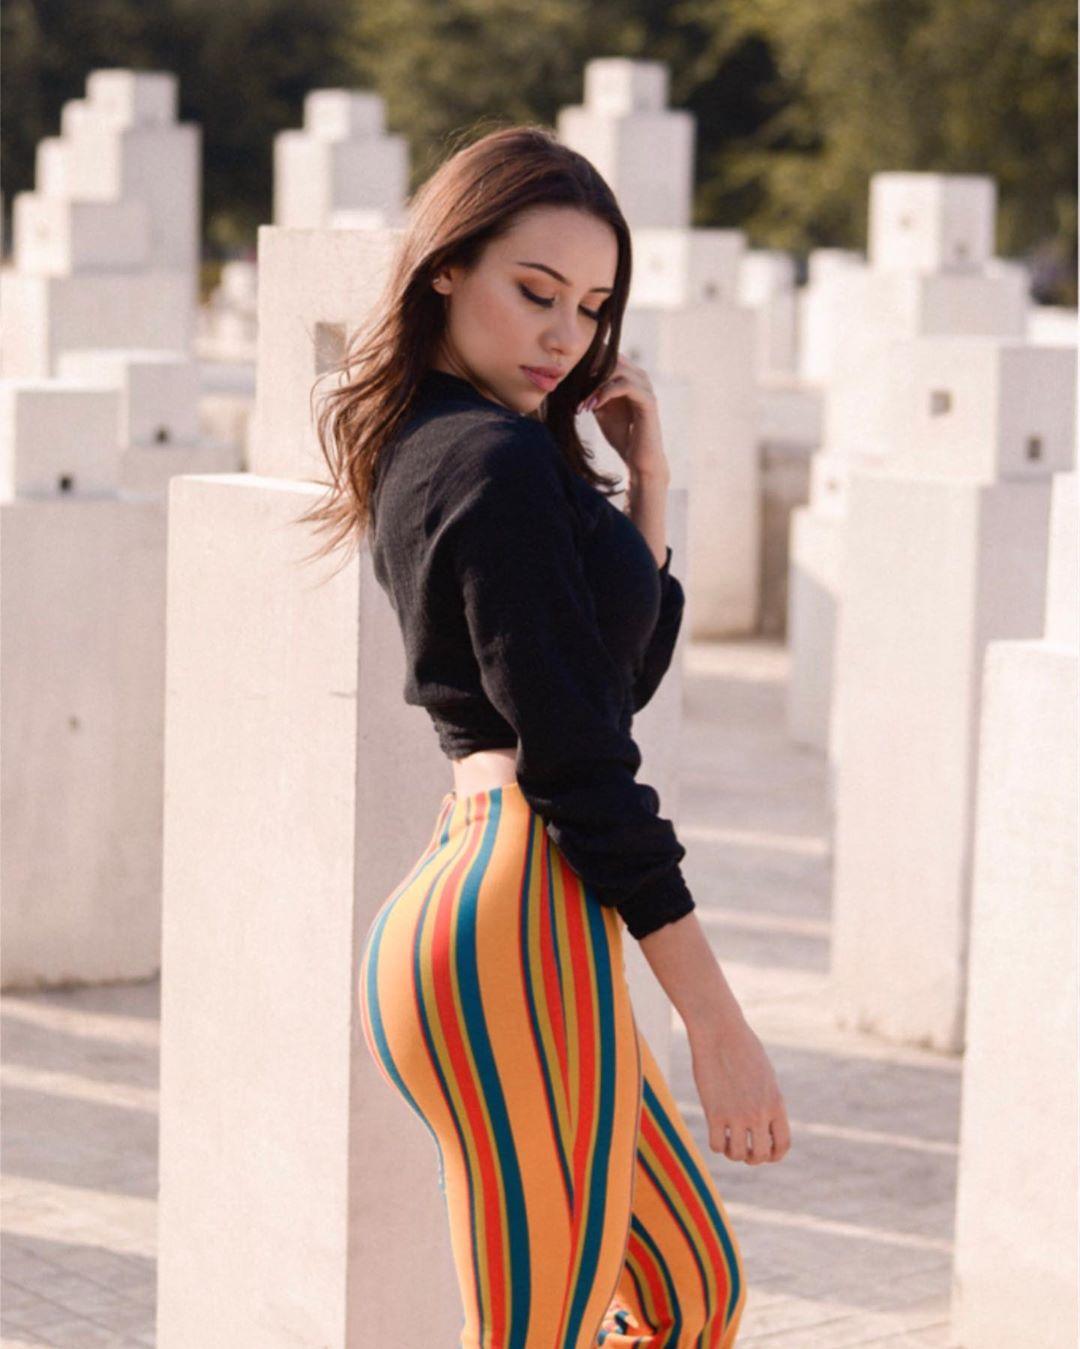 Alejandra-Trevino-Wallpapers-Insta-Biography-7